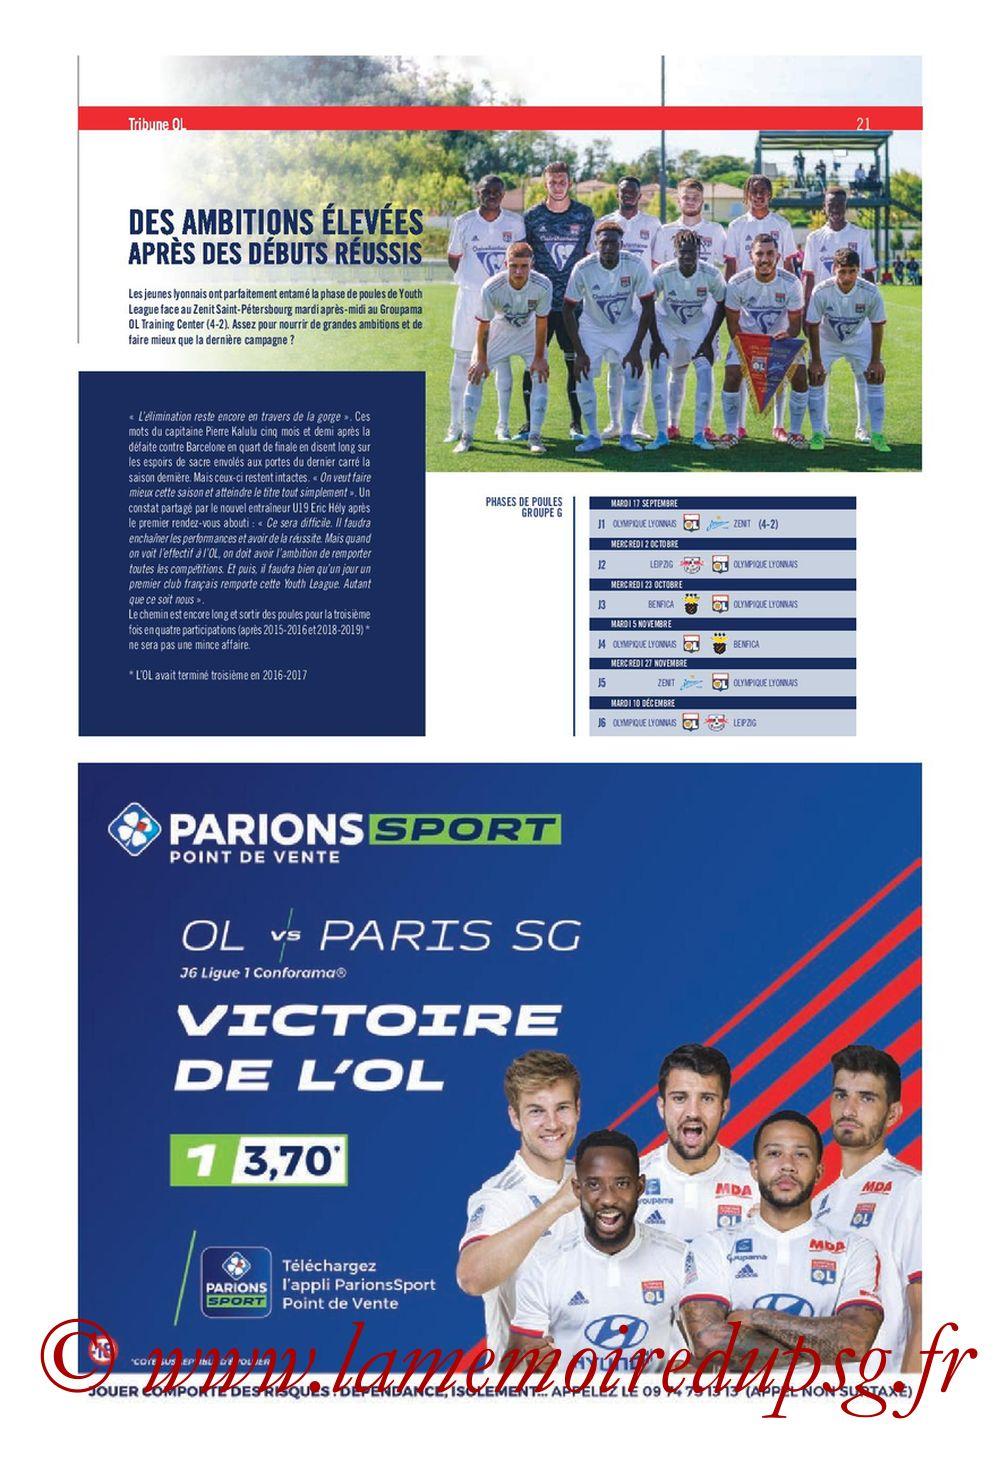 2019-09-22  Lyon-PSG (6ème L1, Tribune OL N°284) - Page 21